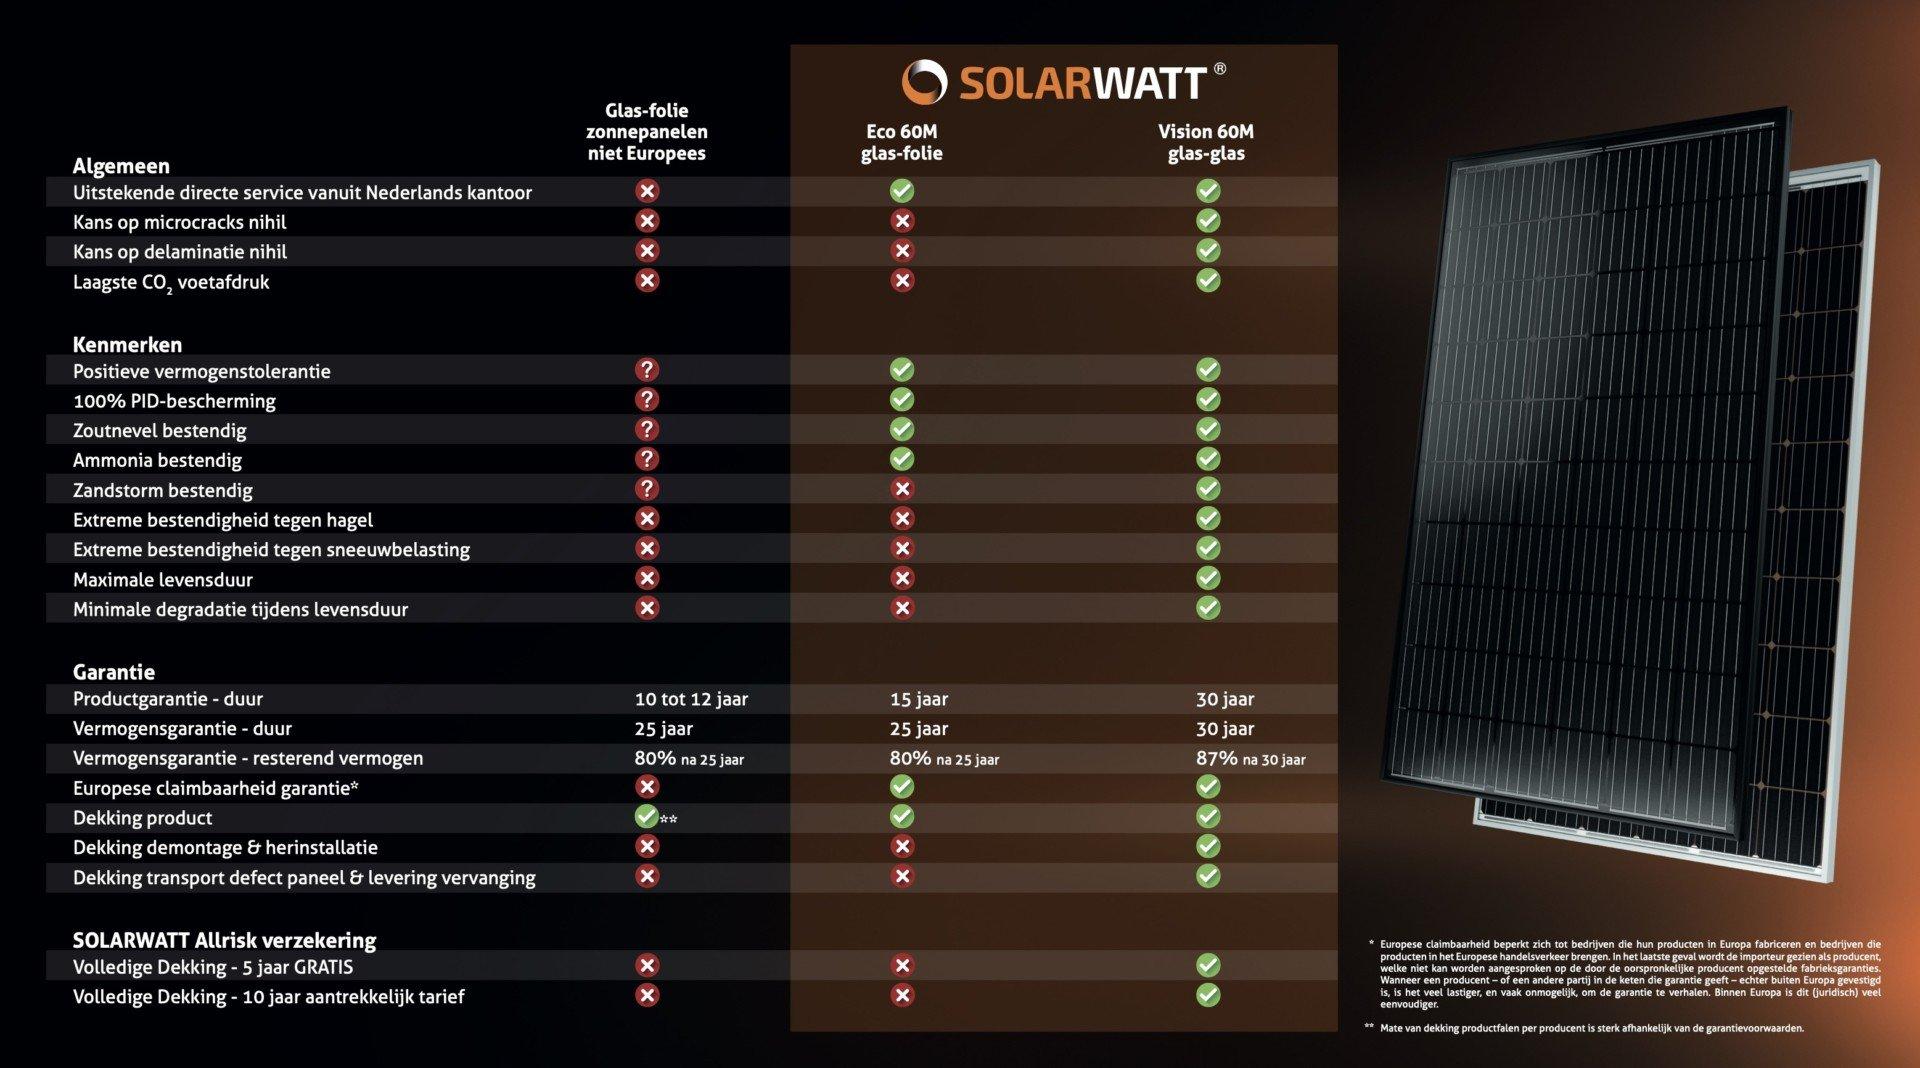 Vergelijking tussen Solarwatt glas-glas en niet Europese glas-folie panelen.